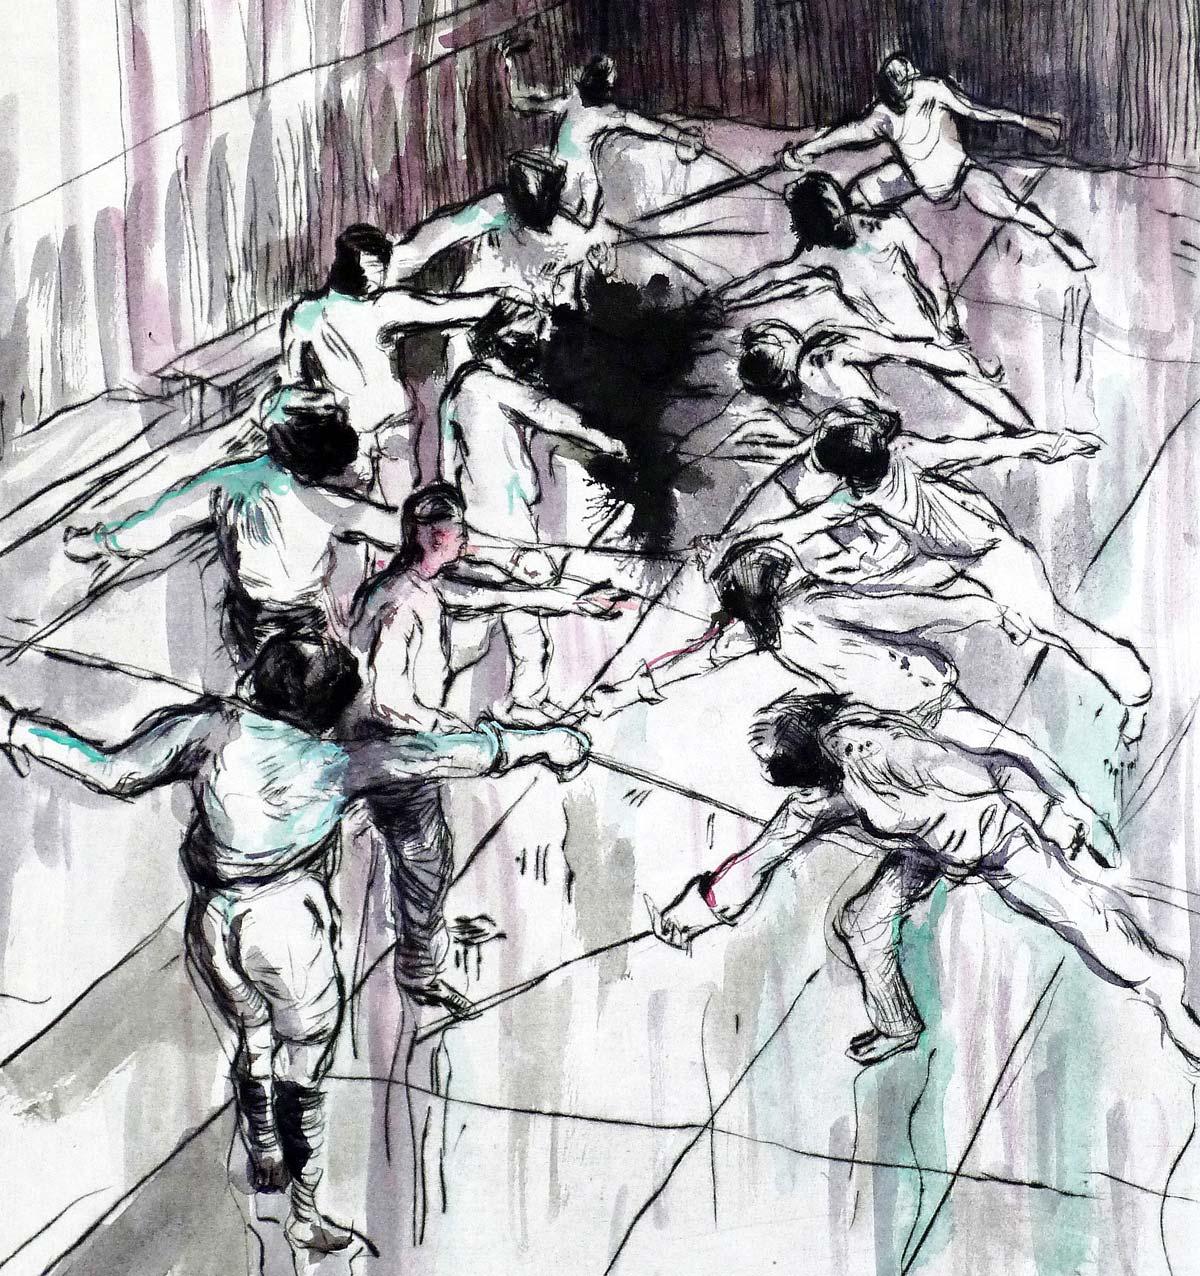 Der Kampf 2017 von Ulrike Theusner aus der Broschüre Die Kunst ist lang